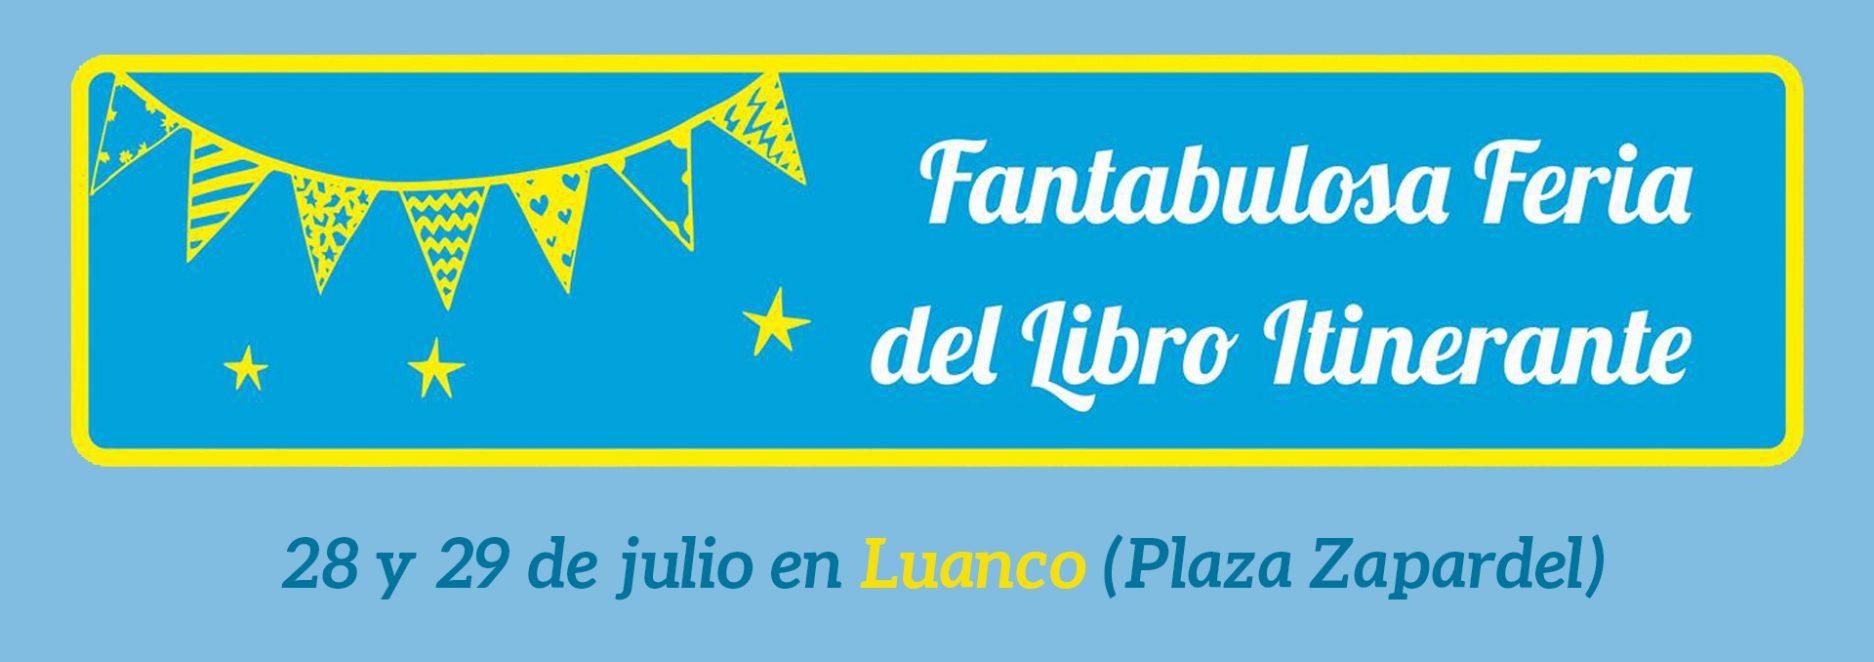 Fantabulosa2018-Luanco